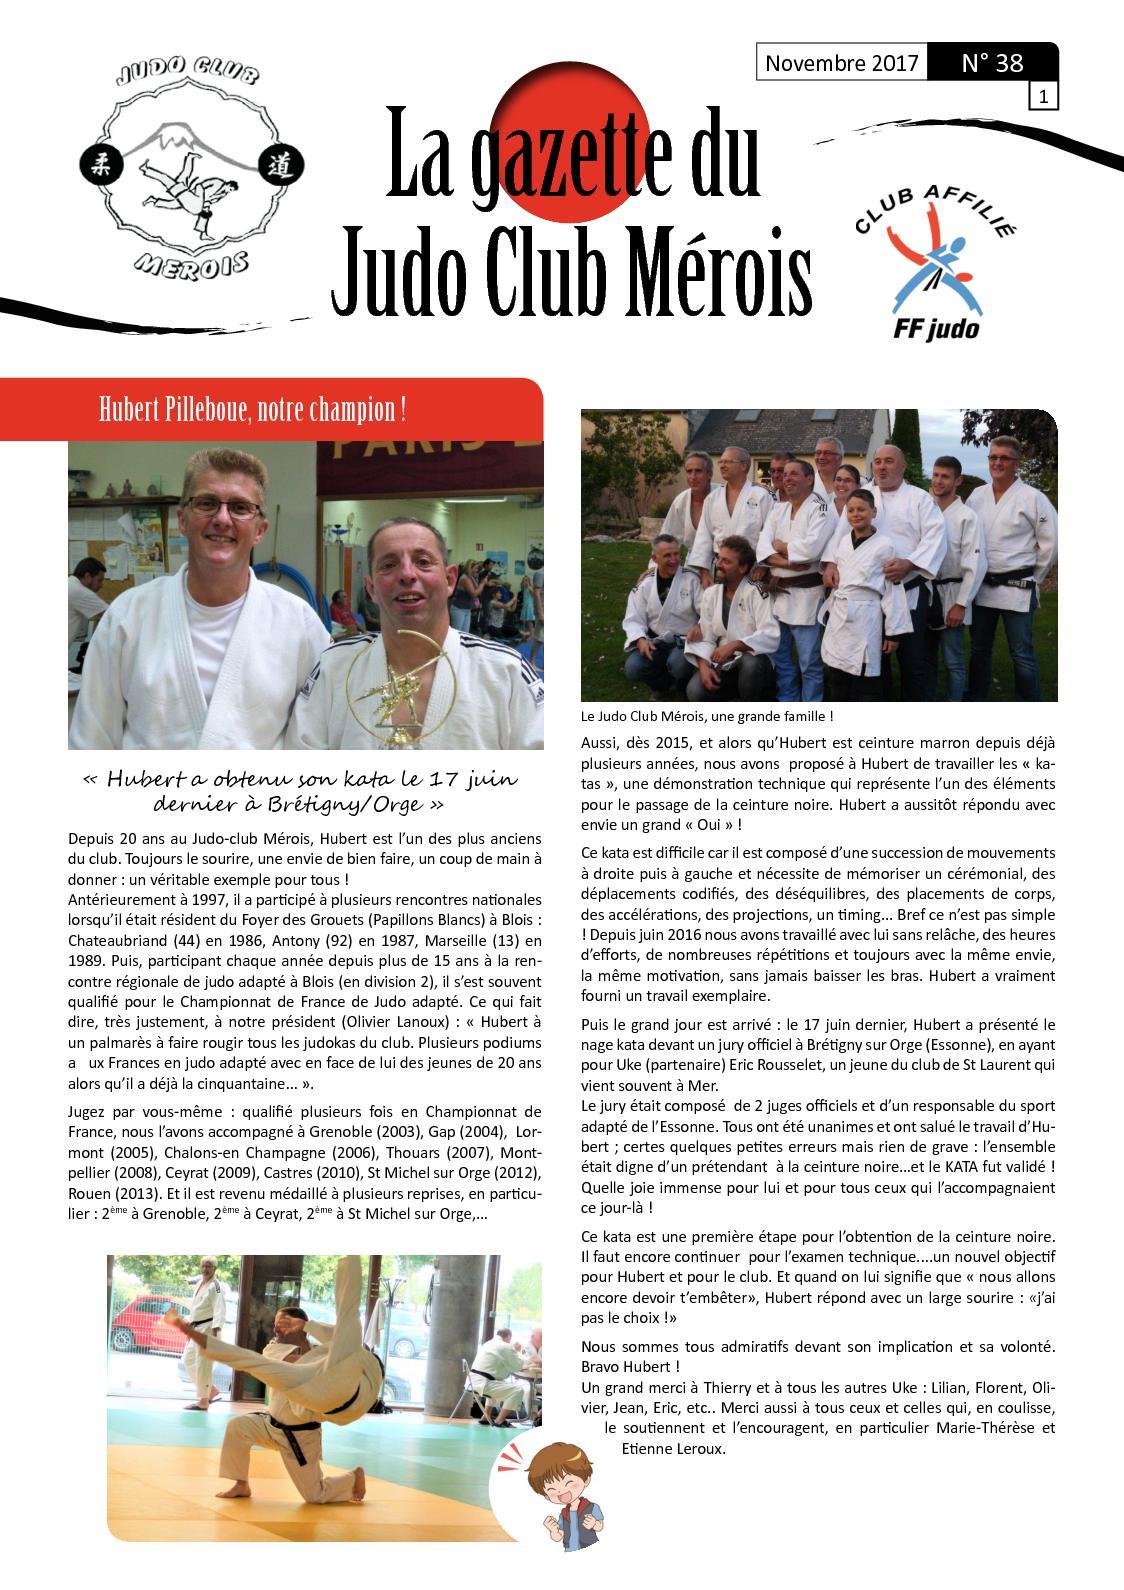 Calaméo - Gazette Judo Club Merois Novembre 2017 e29a24cbafc